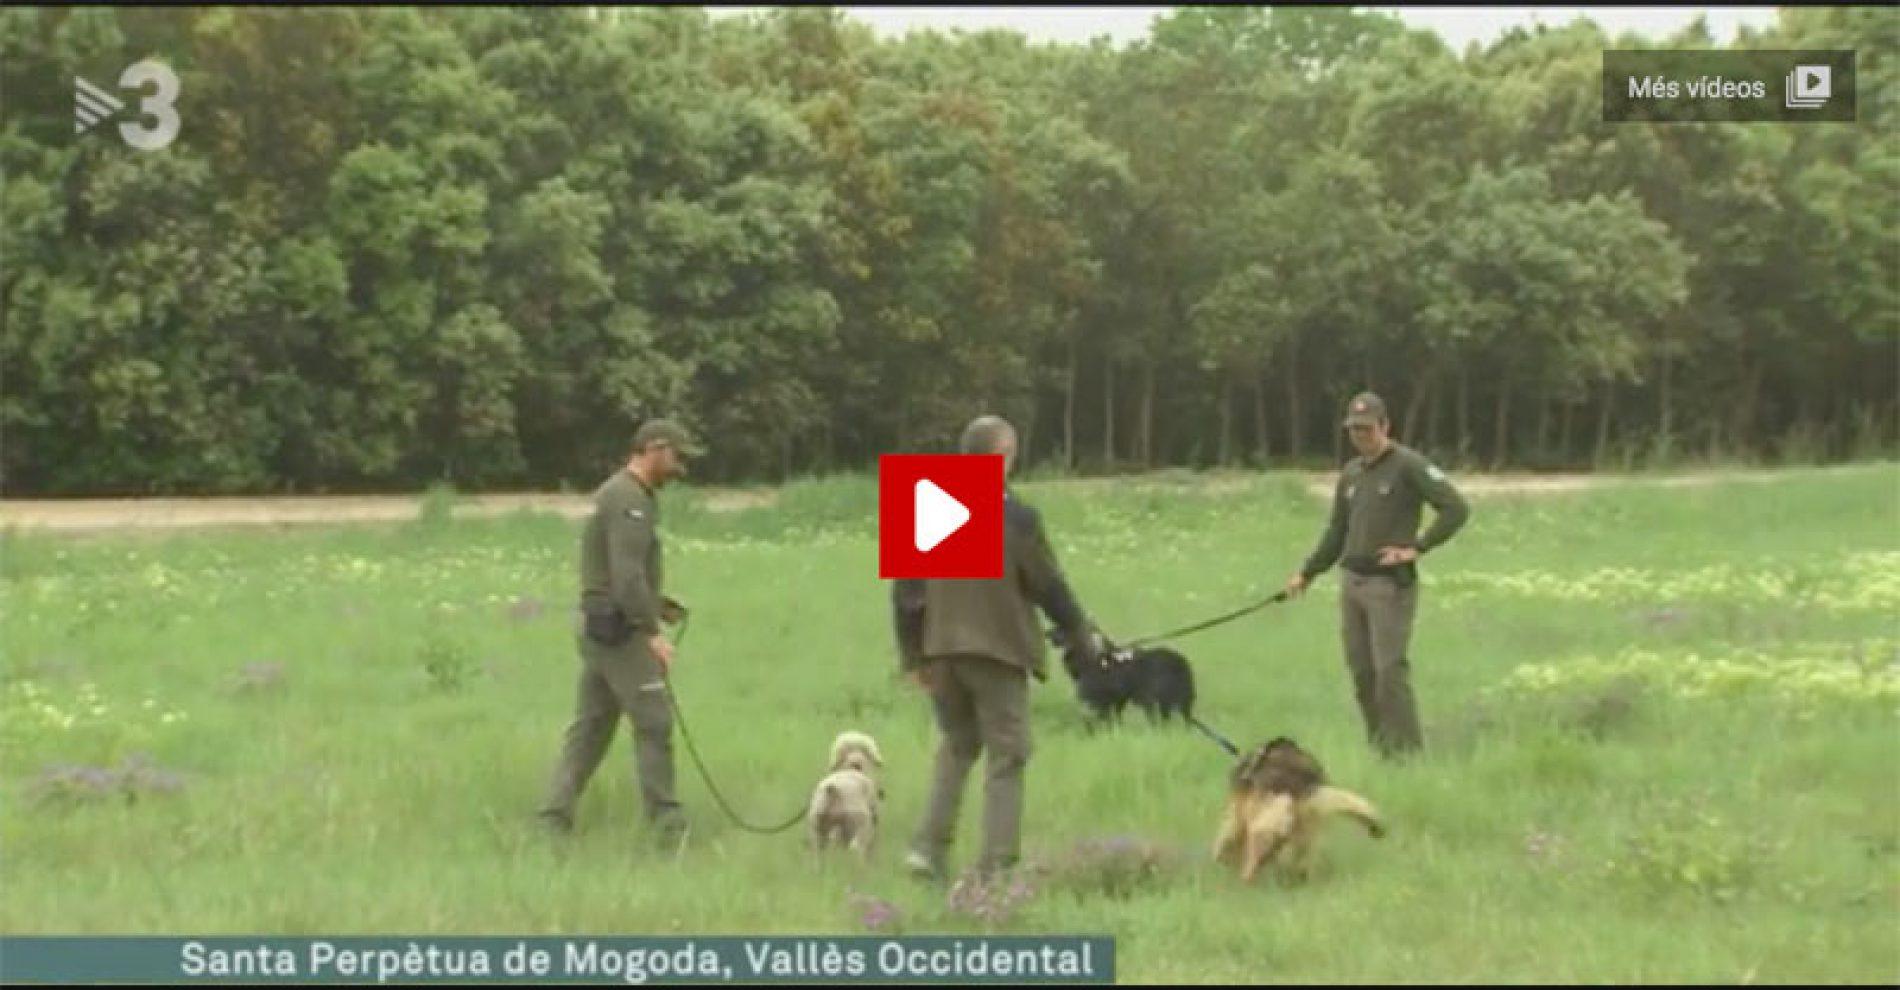 Tv3, una vez más, emite una noticia con un comentario falso sobre los cazadores.